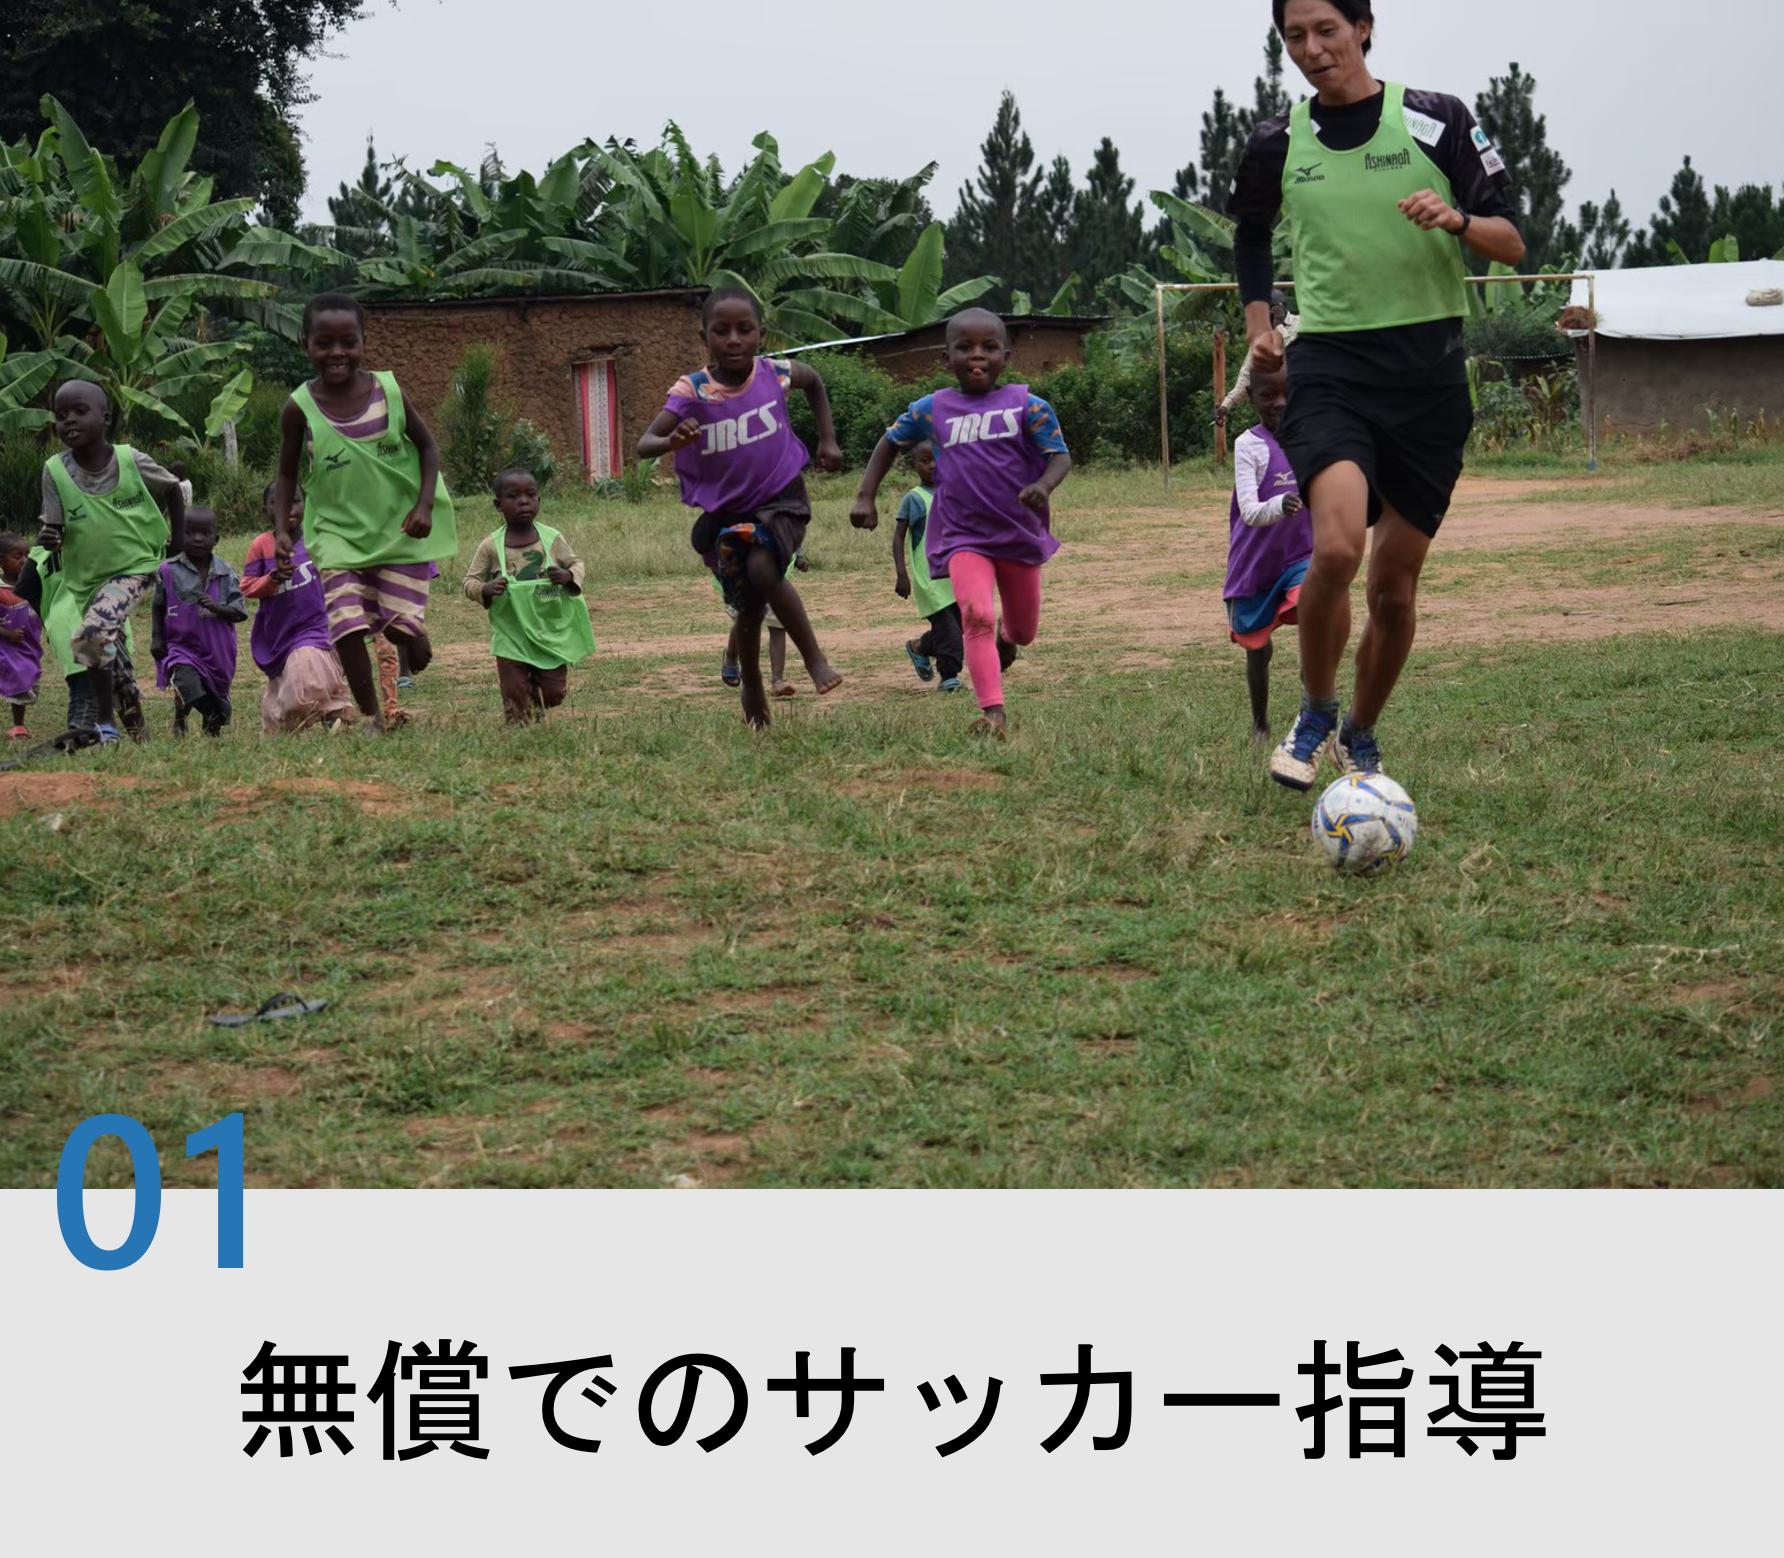 無償でのサッカー指導の機会